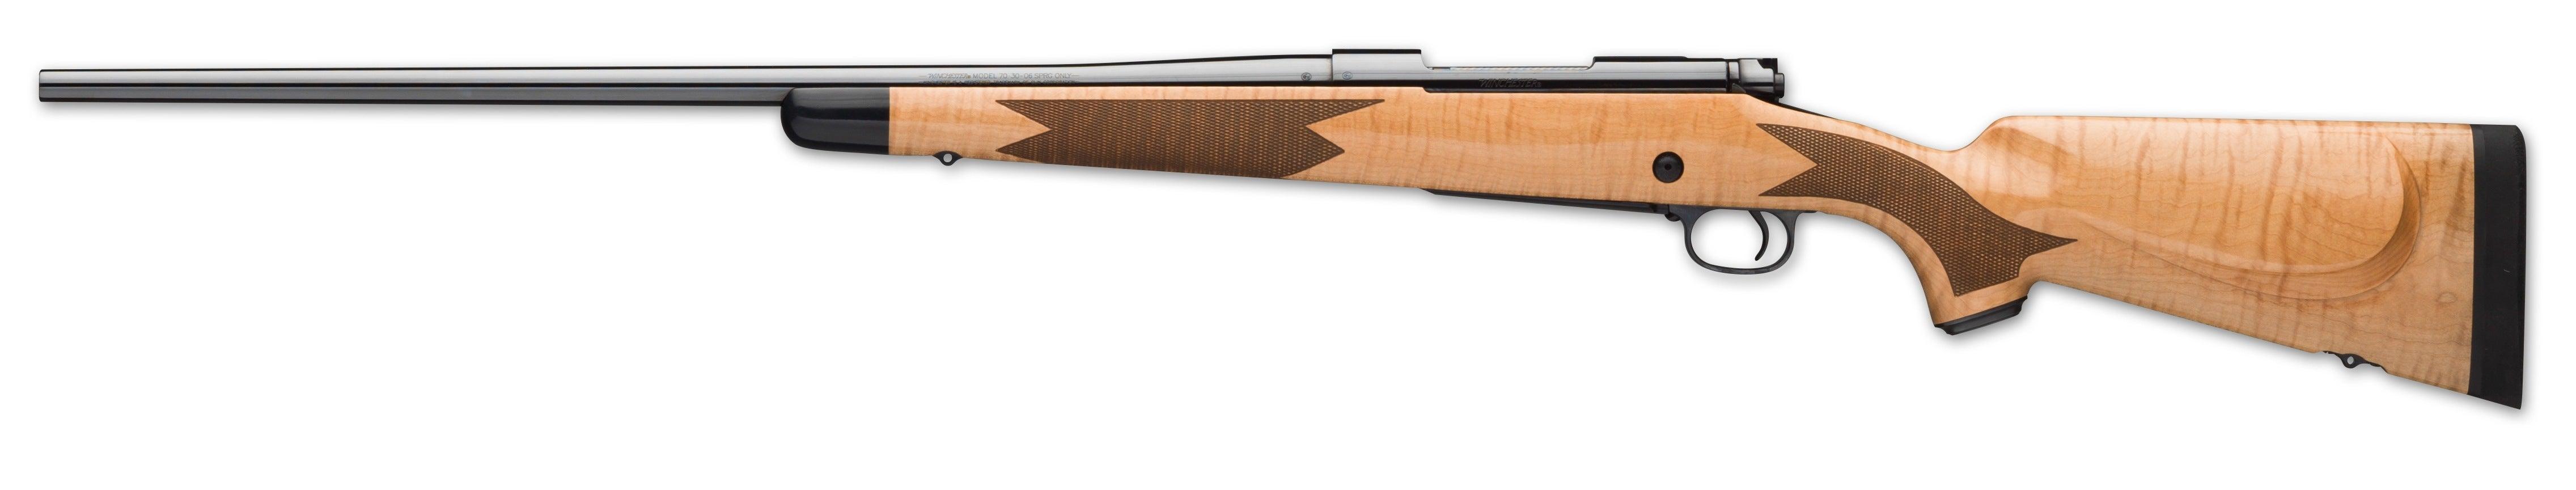 model 70 super grade maple